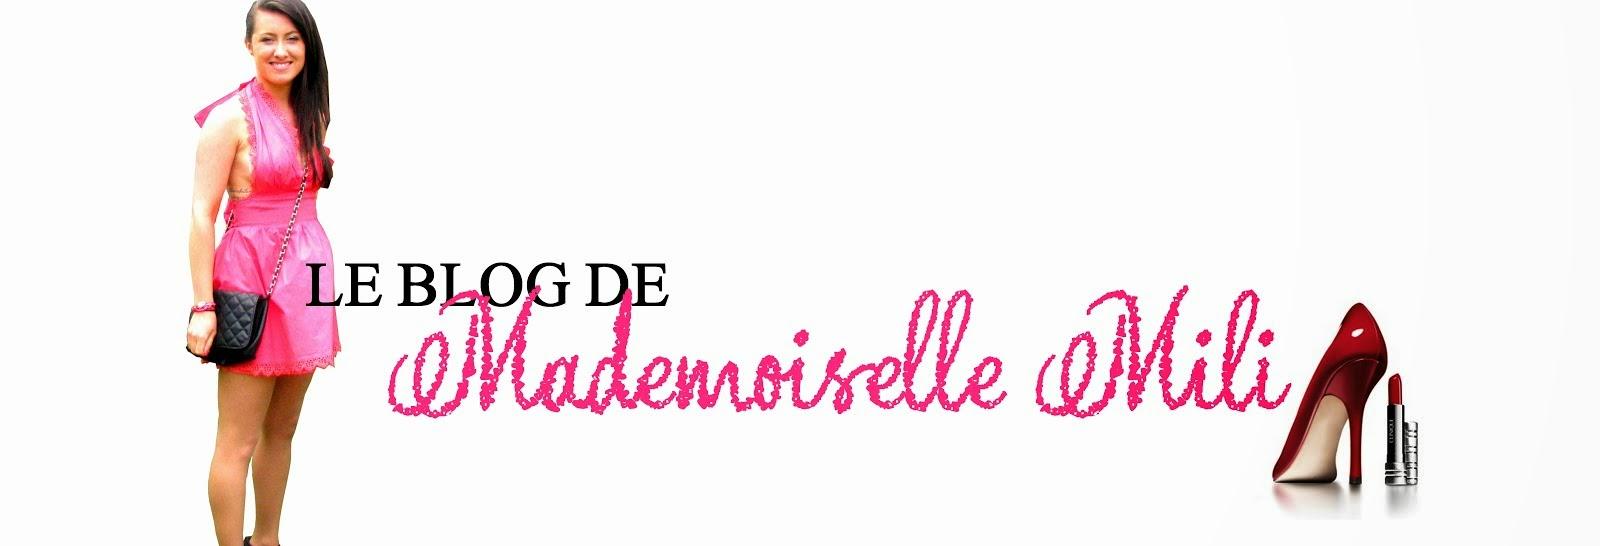 Mademoiselle Mili